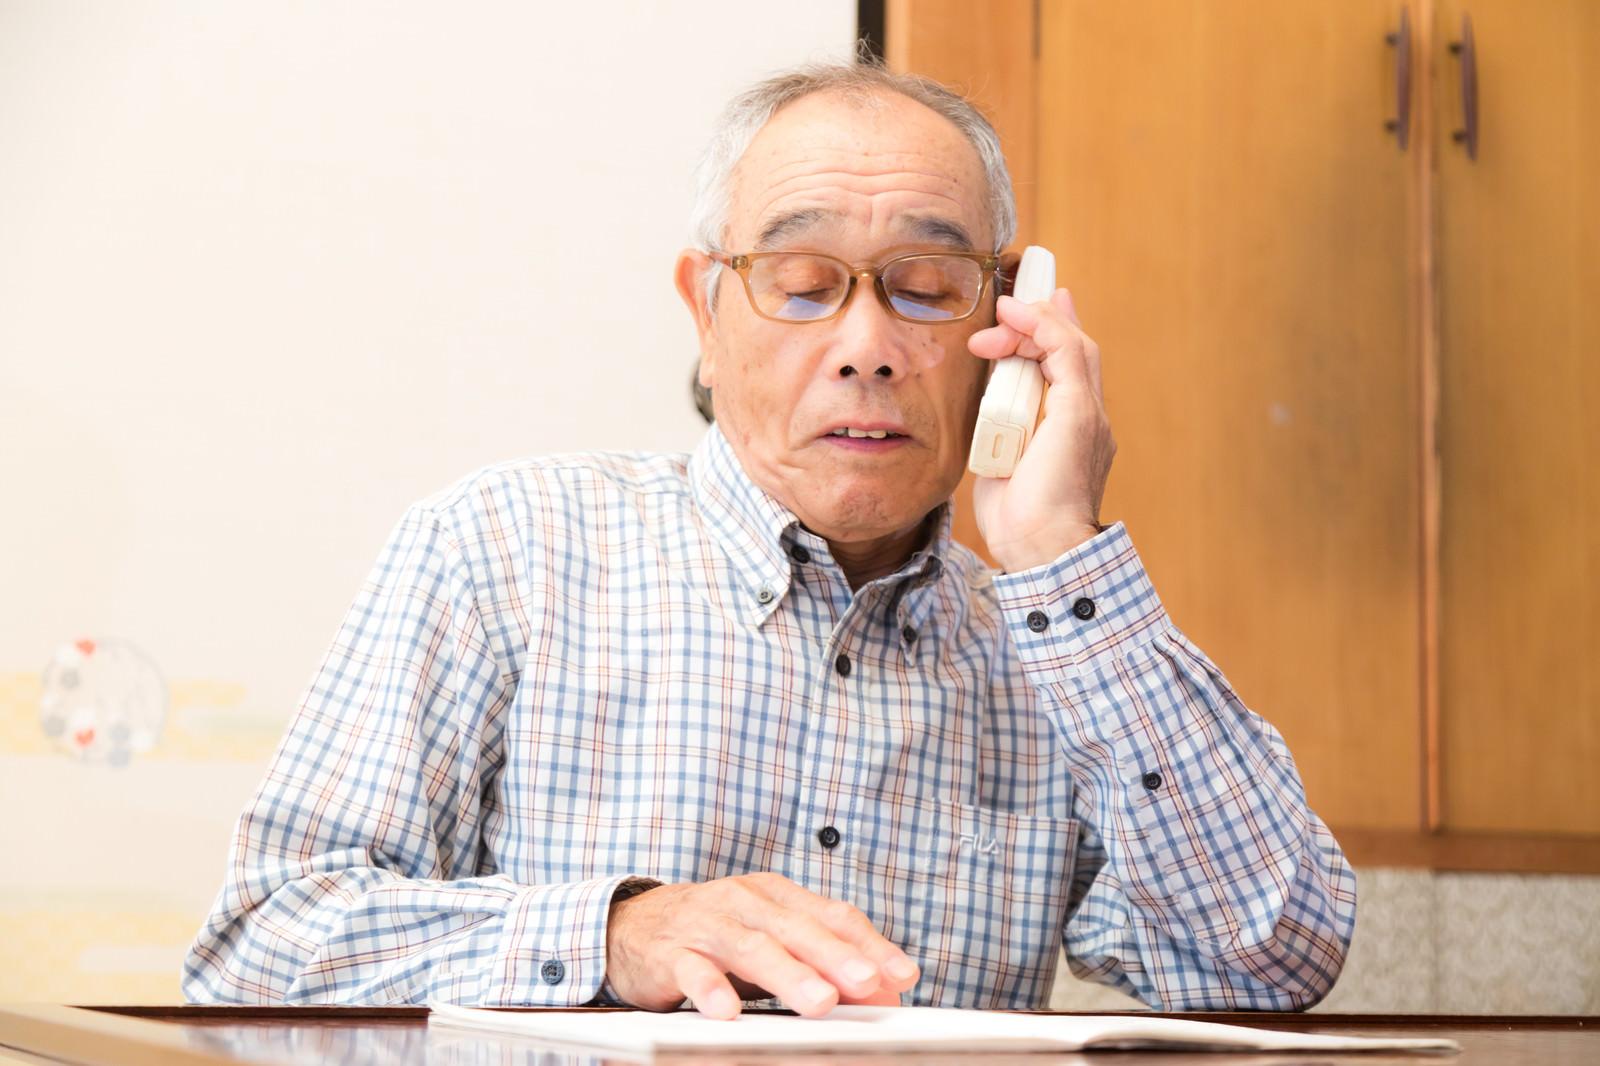 「通販カタログを見ながら電話注文する高齢者」の写真[モデル:まーちゃん]